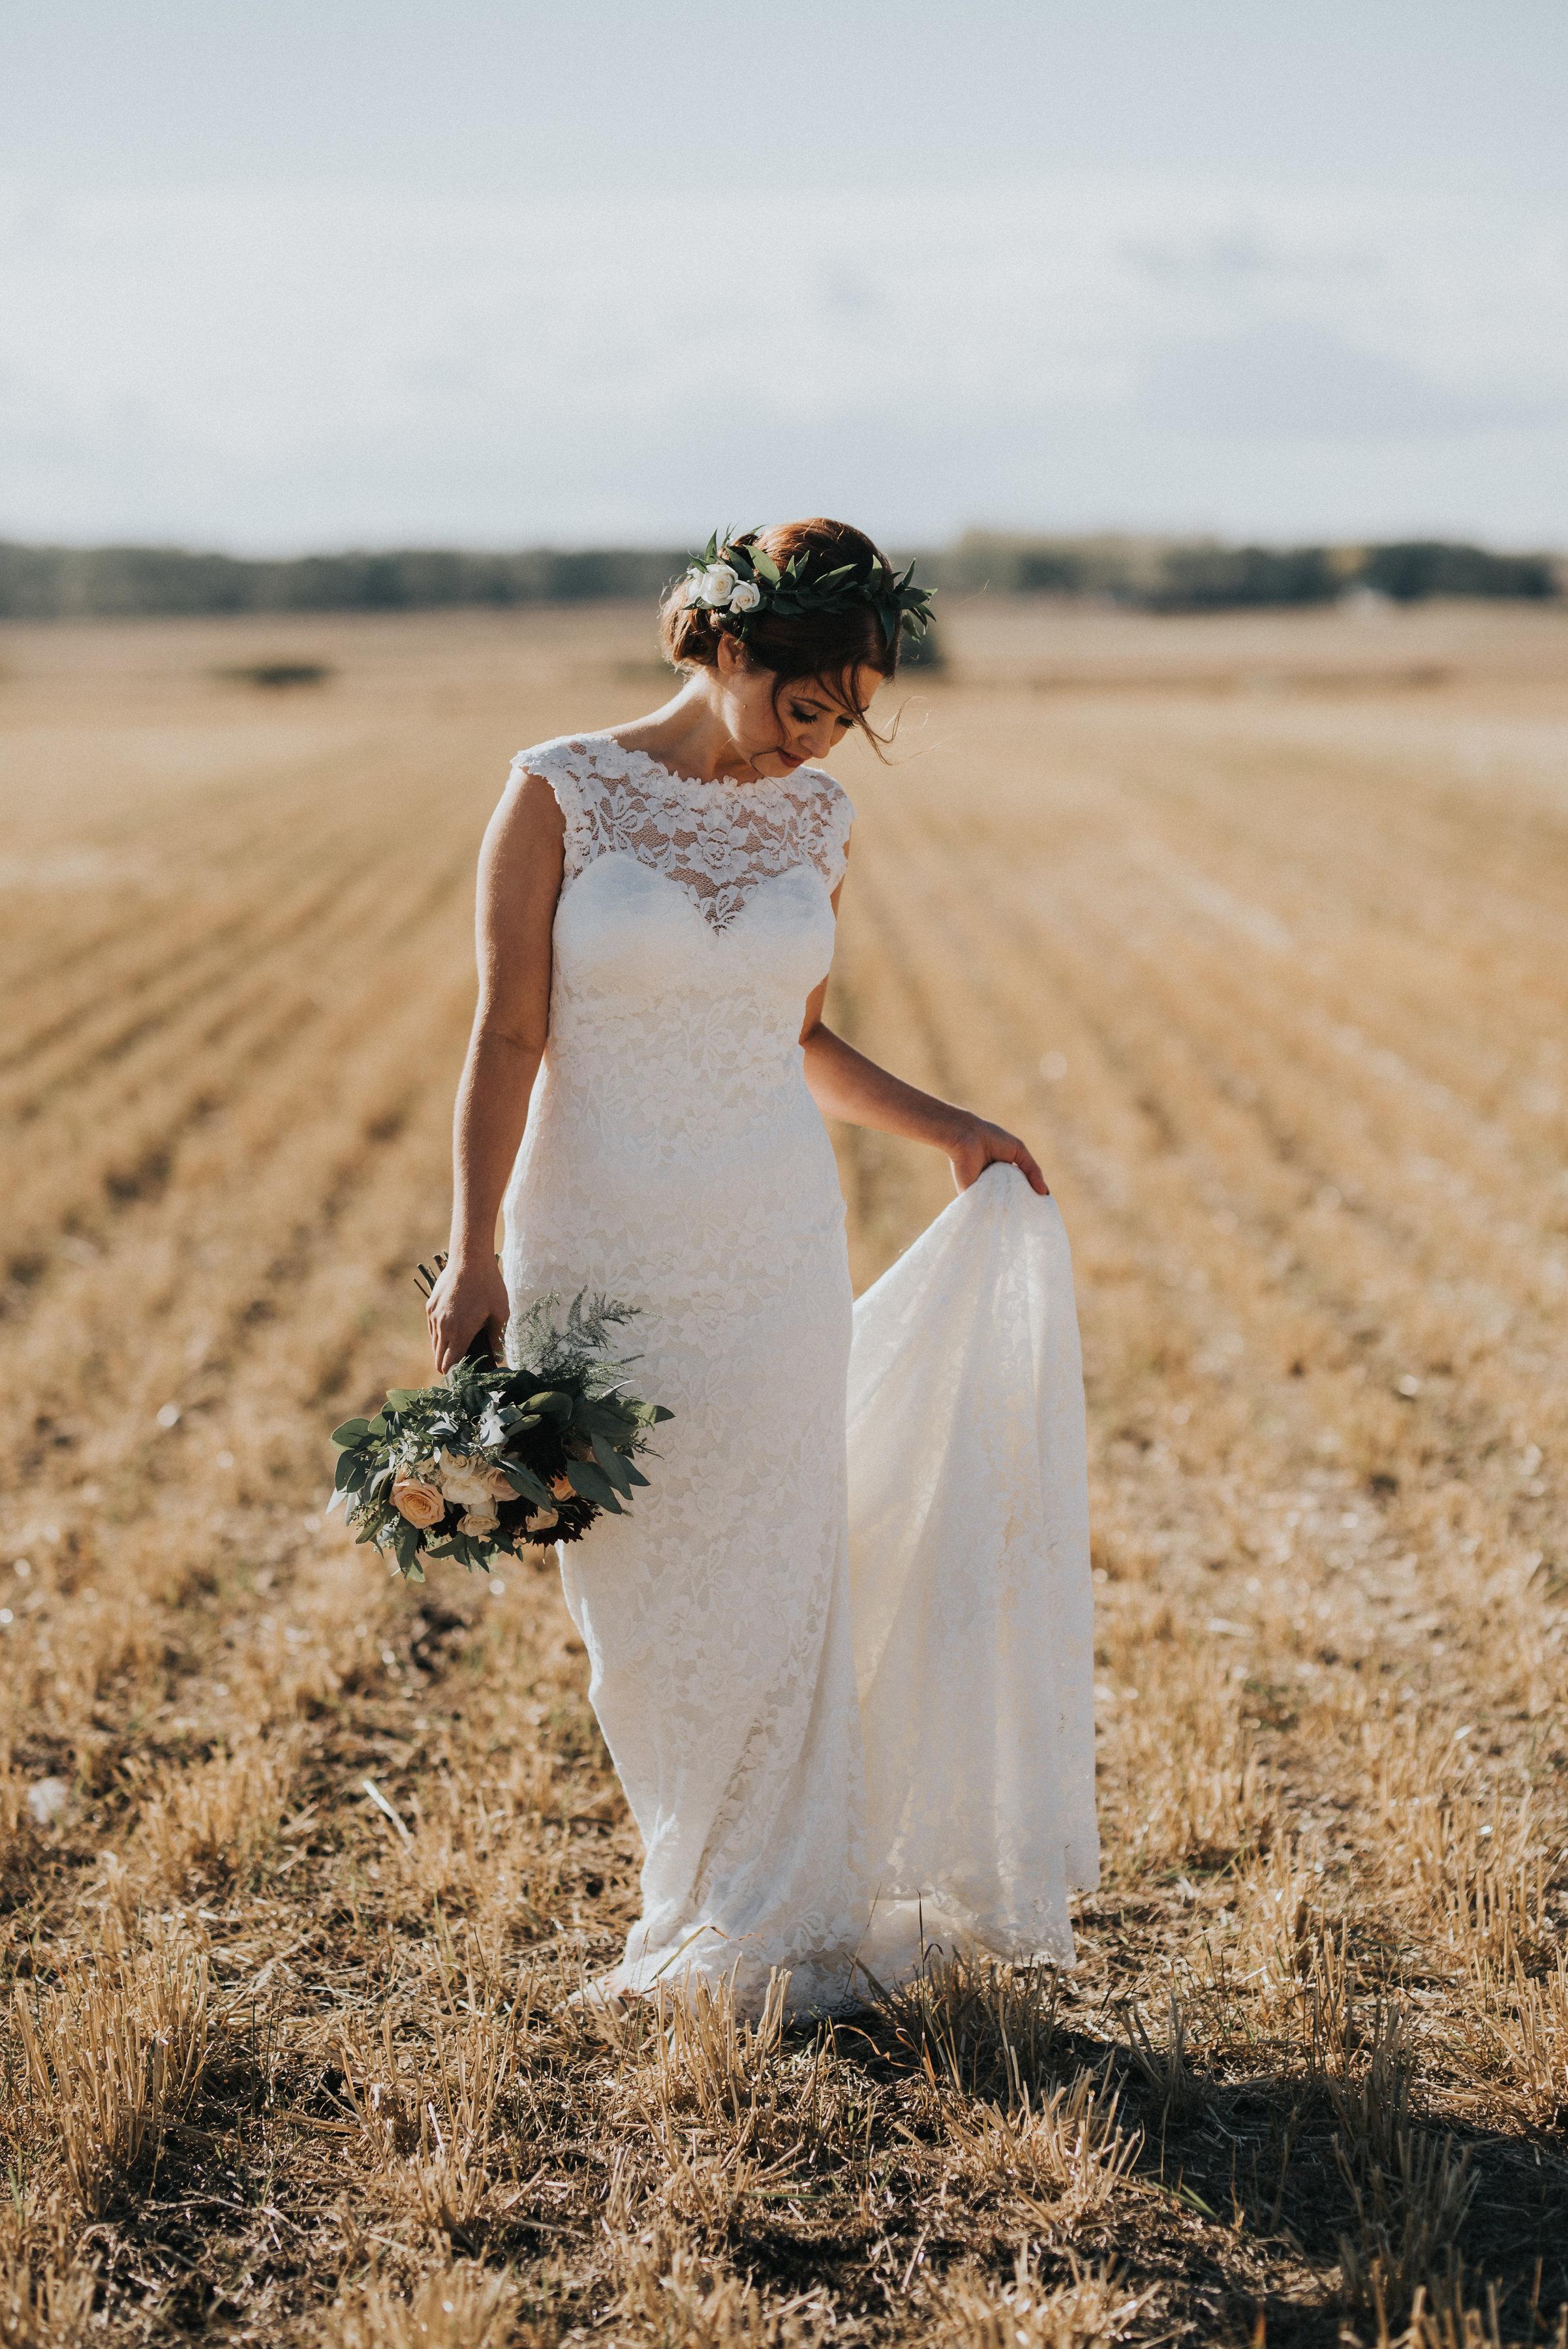 bridal flowers for weddings in calgary, alberta